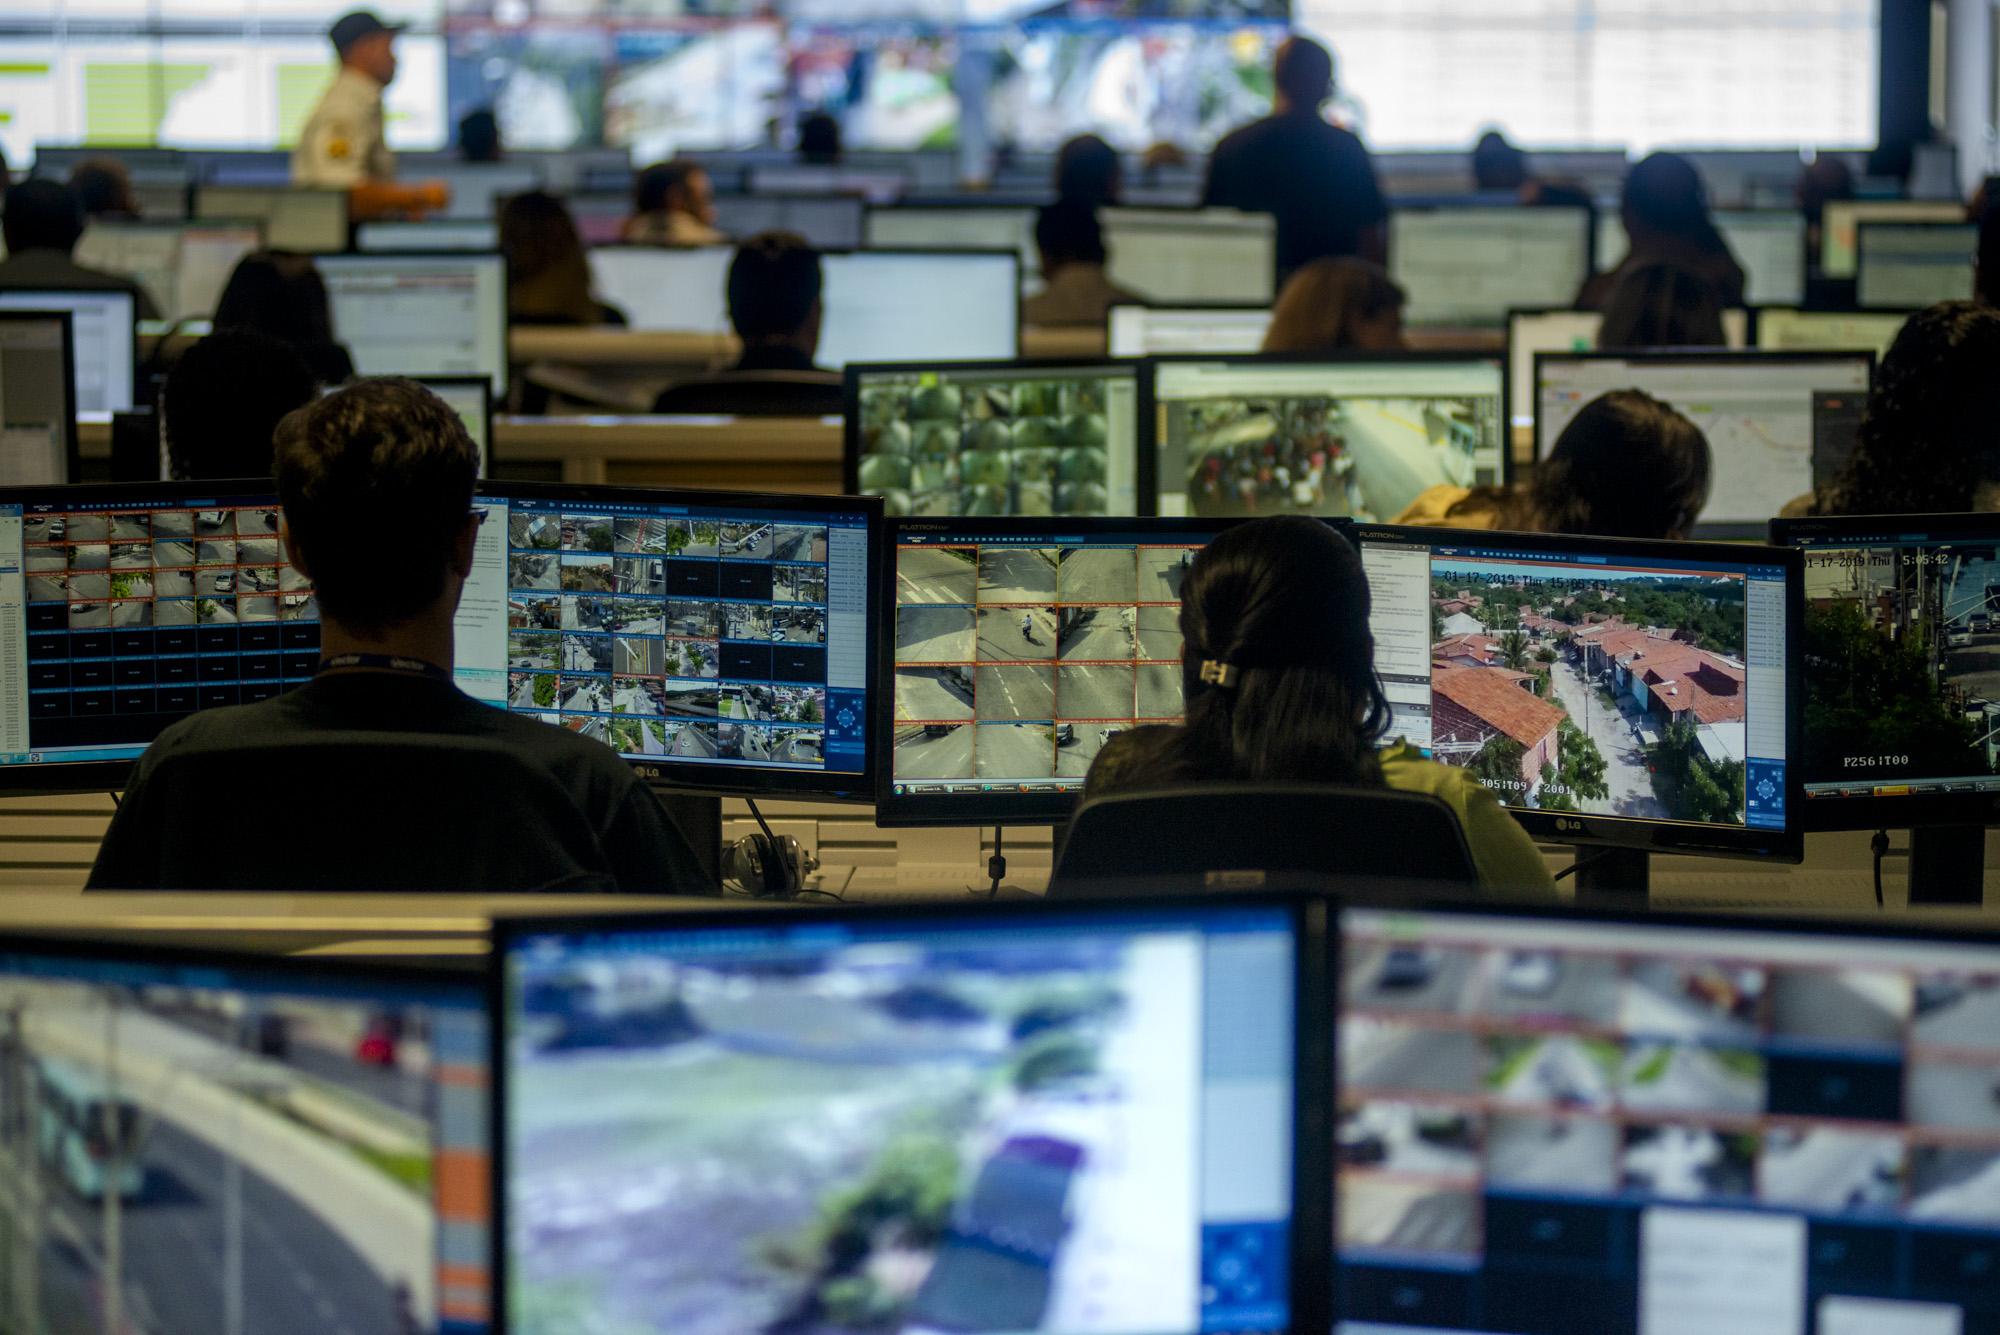 Fotografia de Davi Pinheiro dos painéis de monitoramento da CIOPS